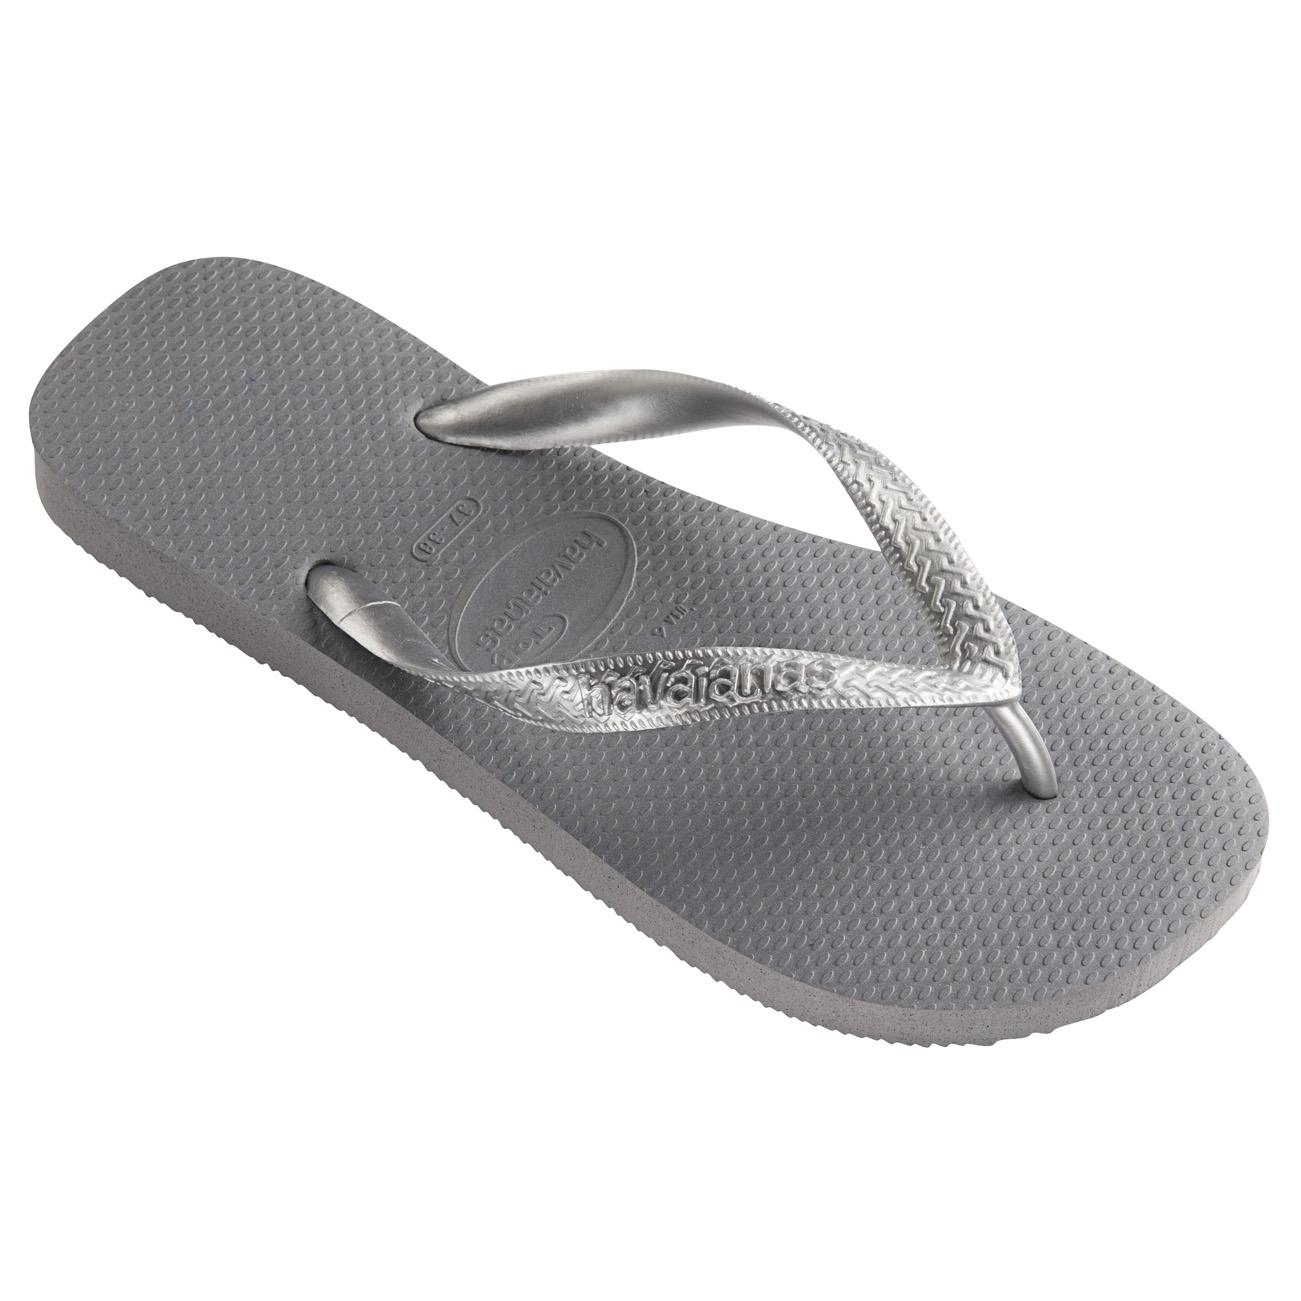 ecfea858df Details about Womens Havaianas Top Tiras Rubber Holiday Lightweight Sandals  Flip Flops UK 3-8